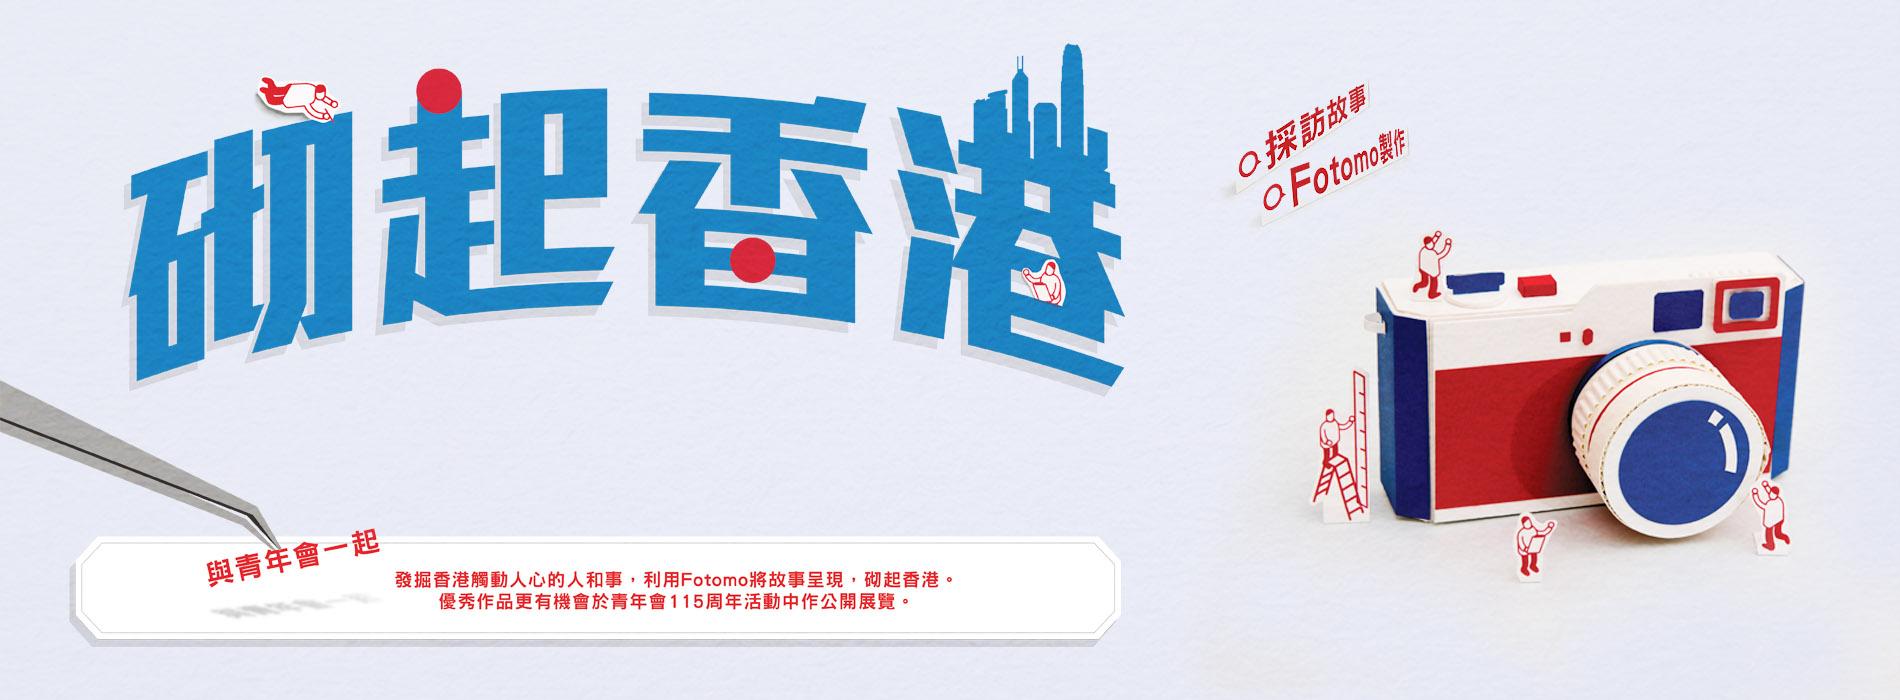 砌起香港橫額